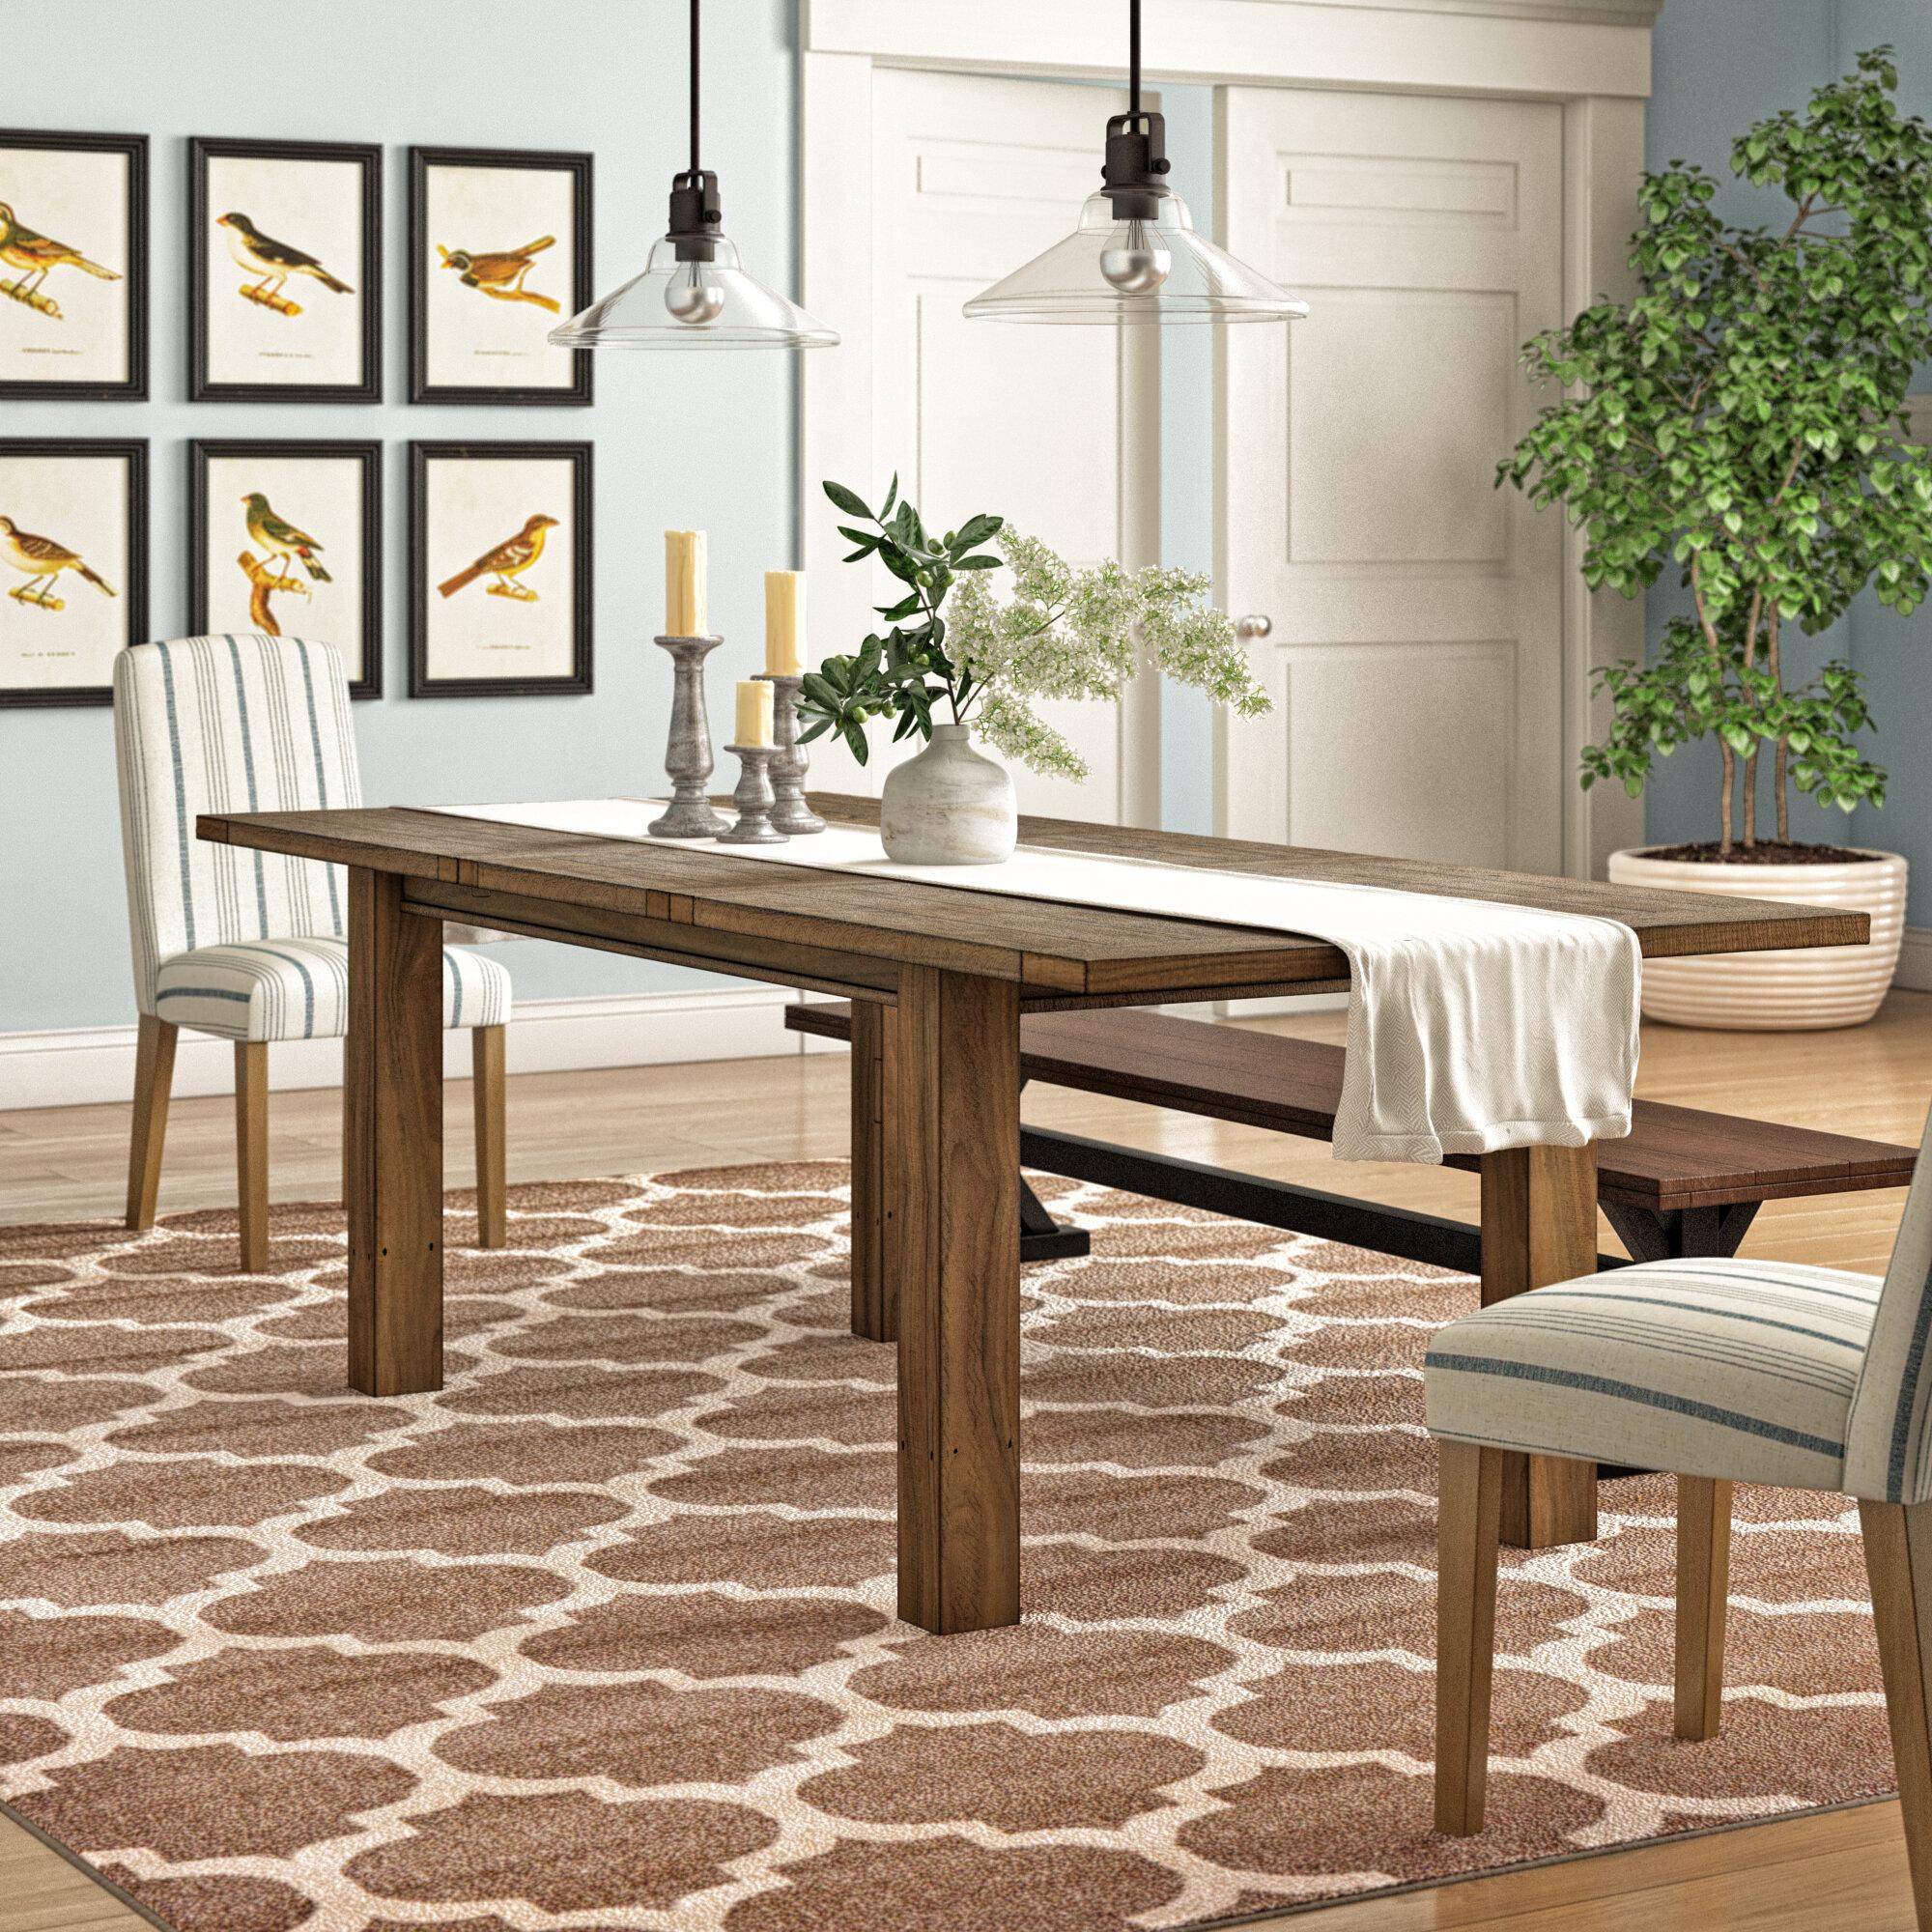 Rehausser Une Table De Salle A Manger table de salle à manger extensible en bois massif à aspect de bois flotté  egremt